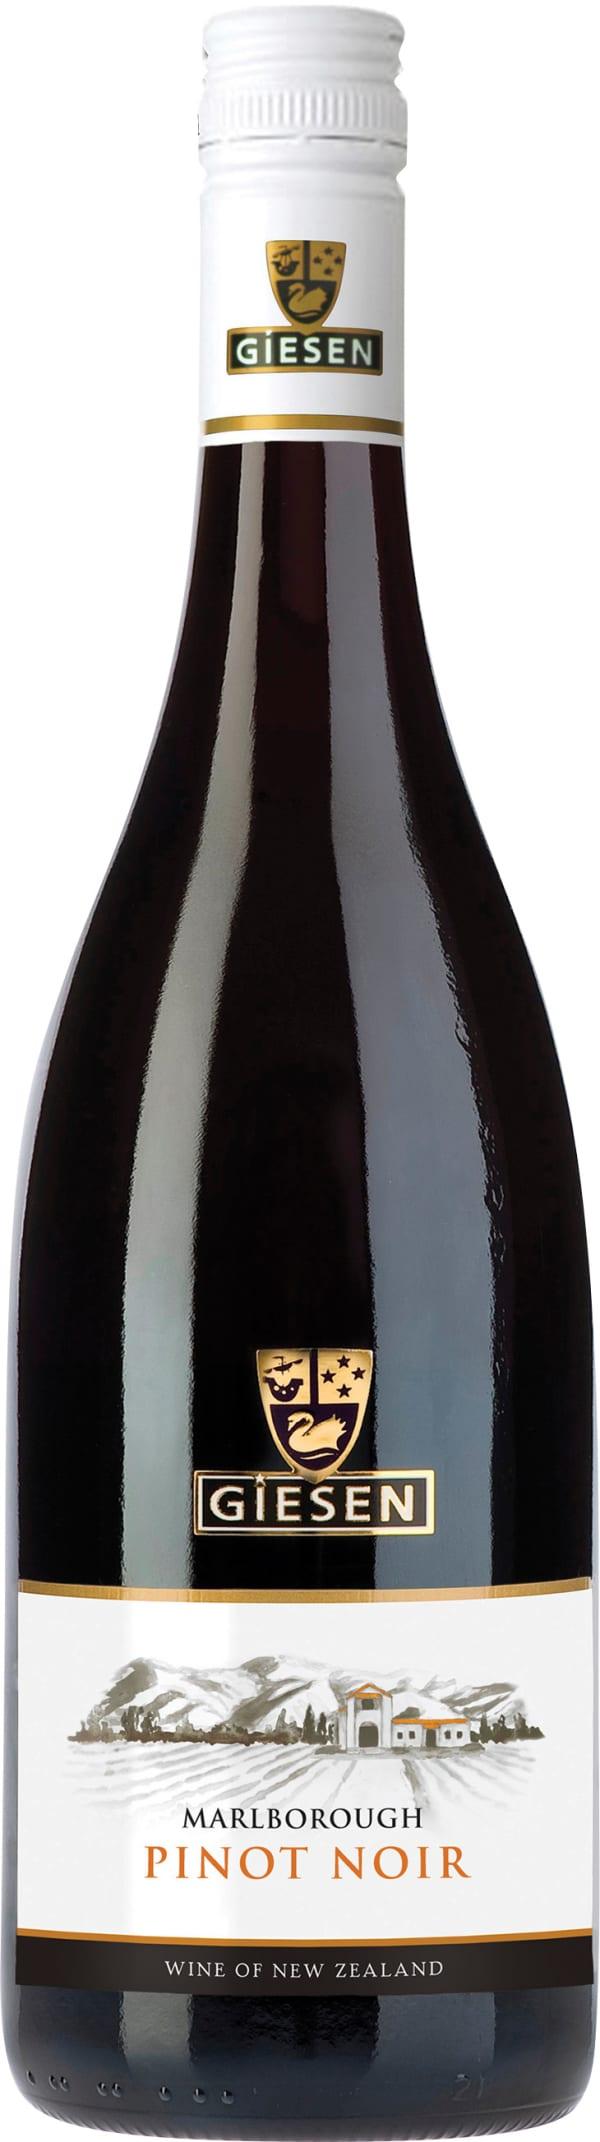 Giesen Pinot Noir 2018